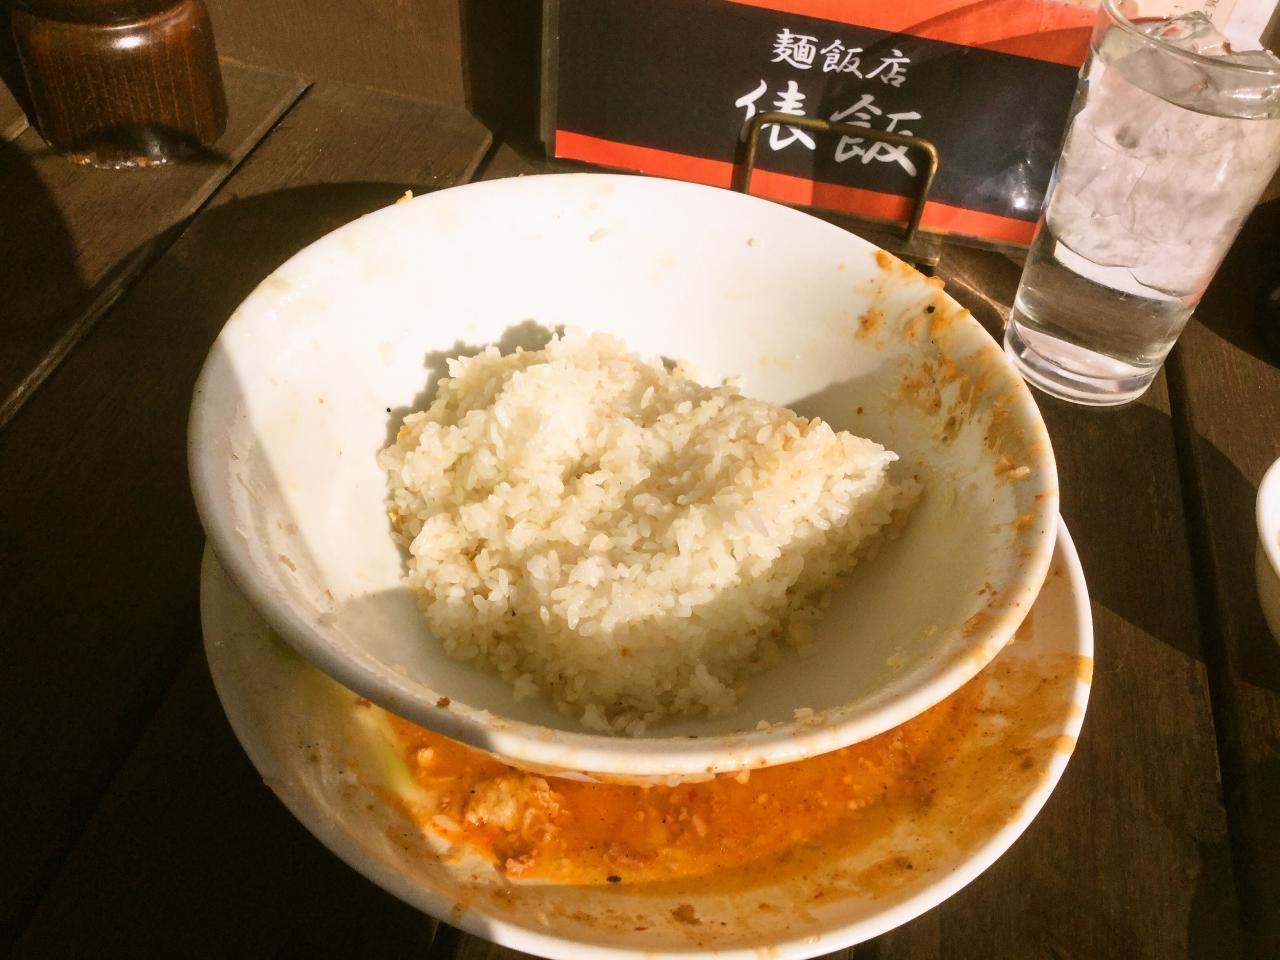 俵飯(俵飯大の大)